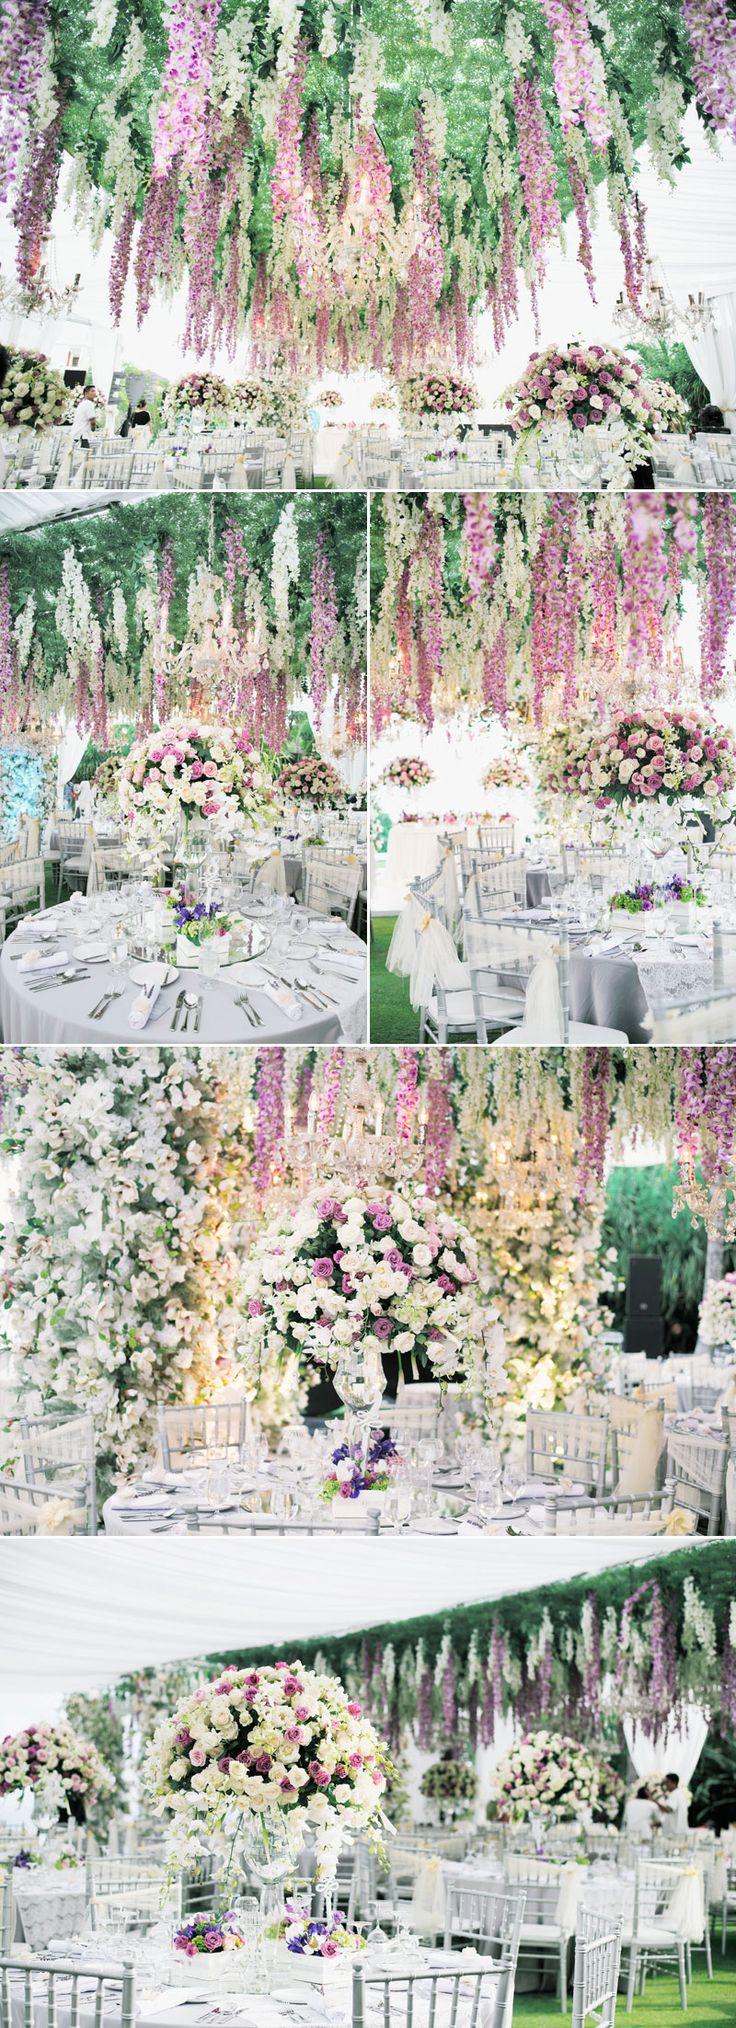 757 best Wedding Flowers images on Pinterest | Floral arrangements ...